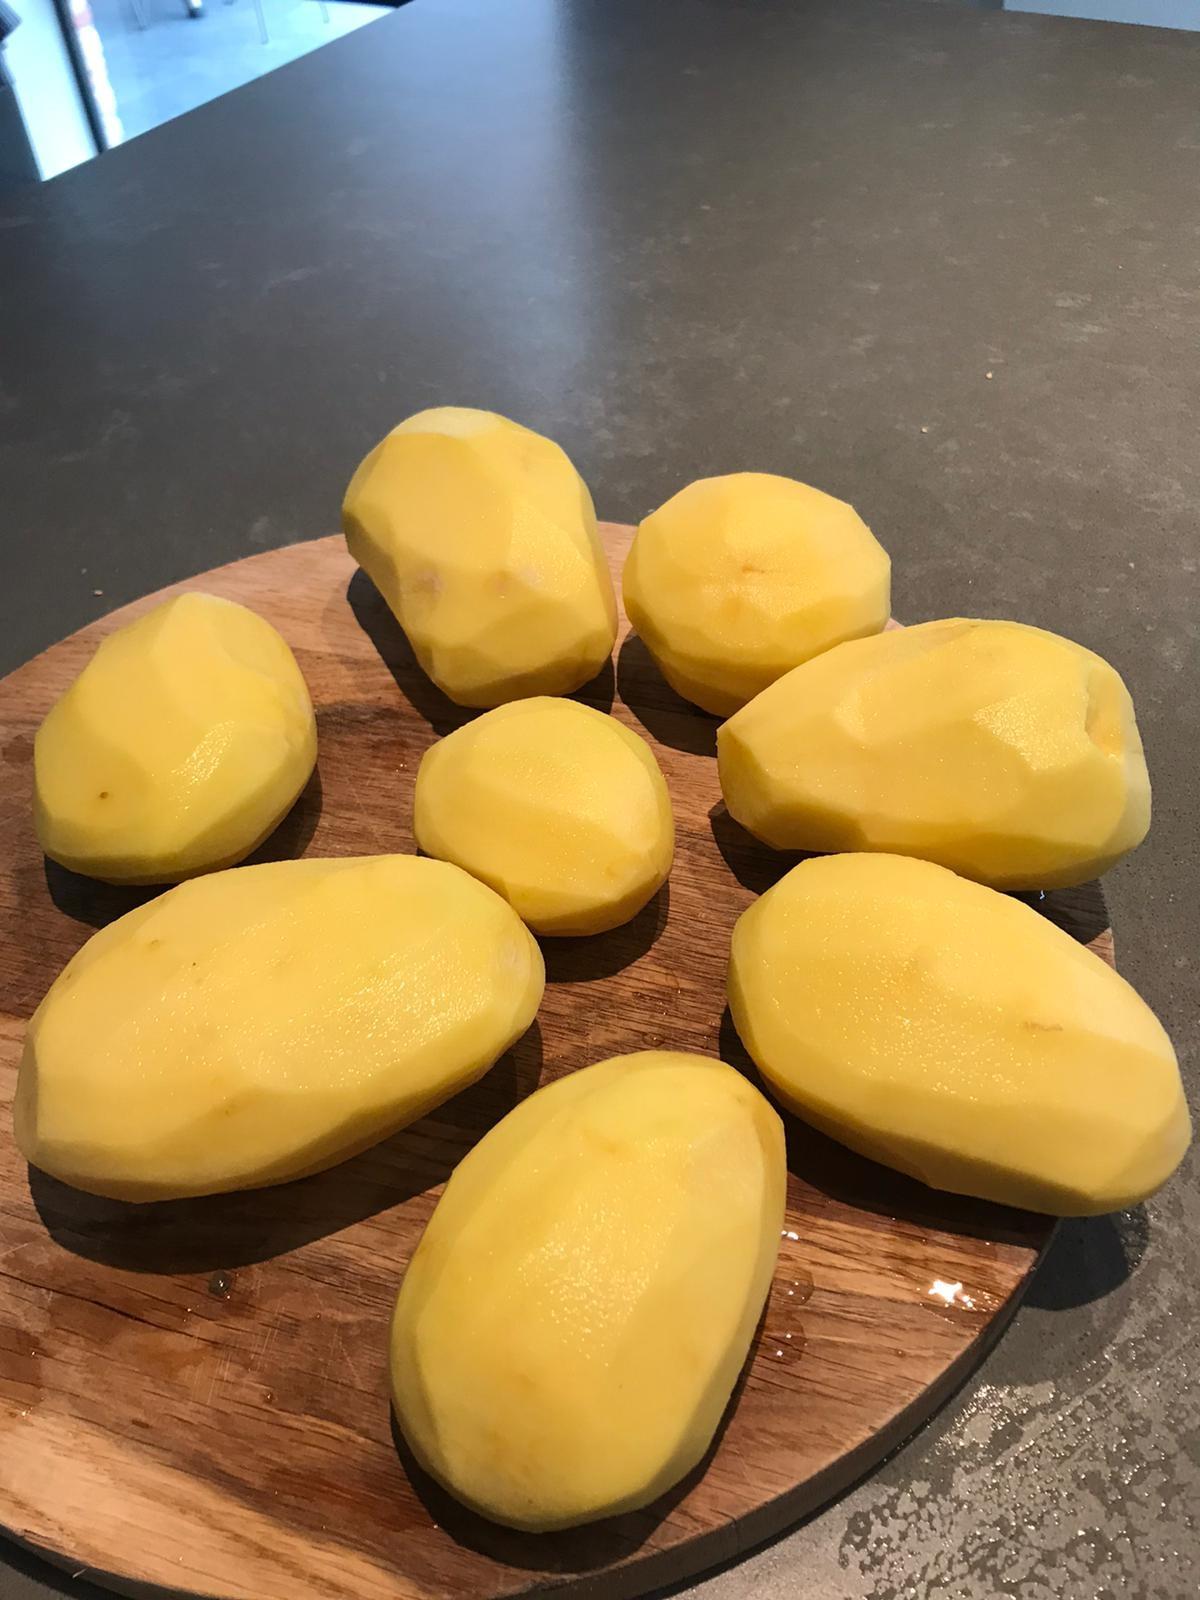 Agria aardappelen rechtstreeks van de boer